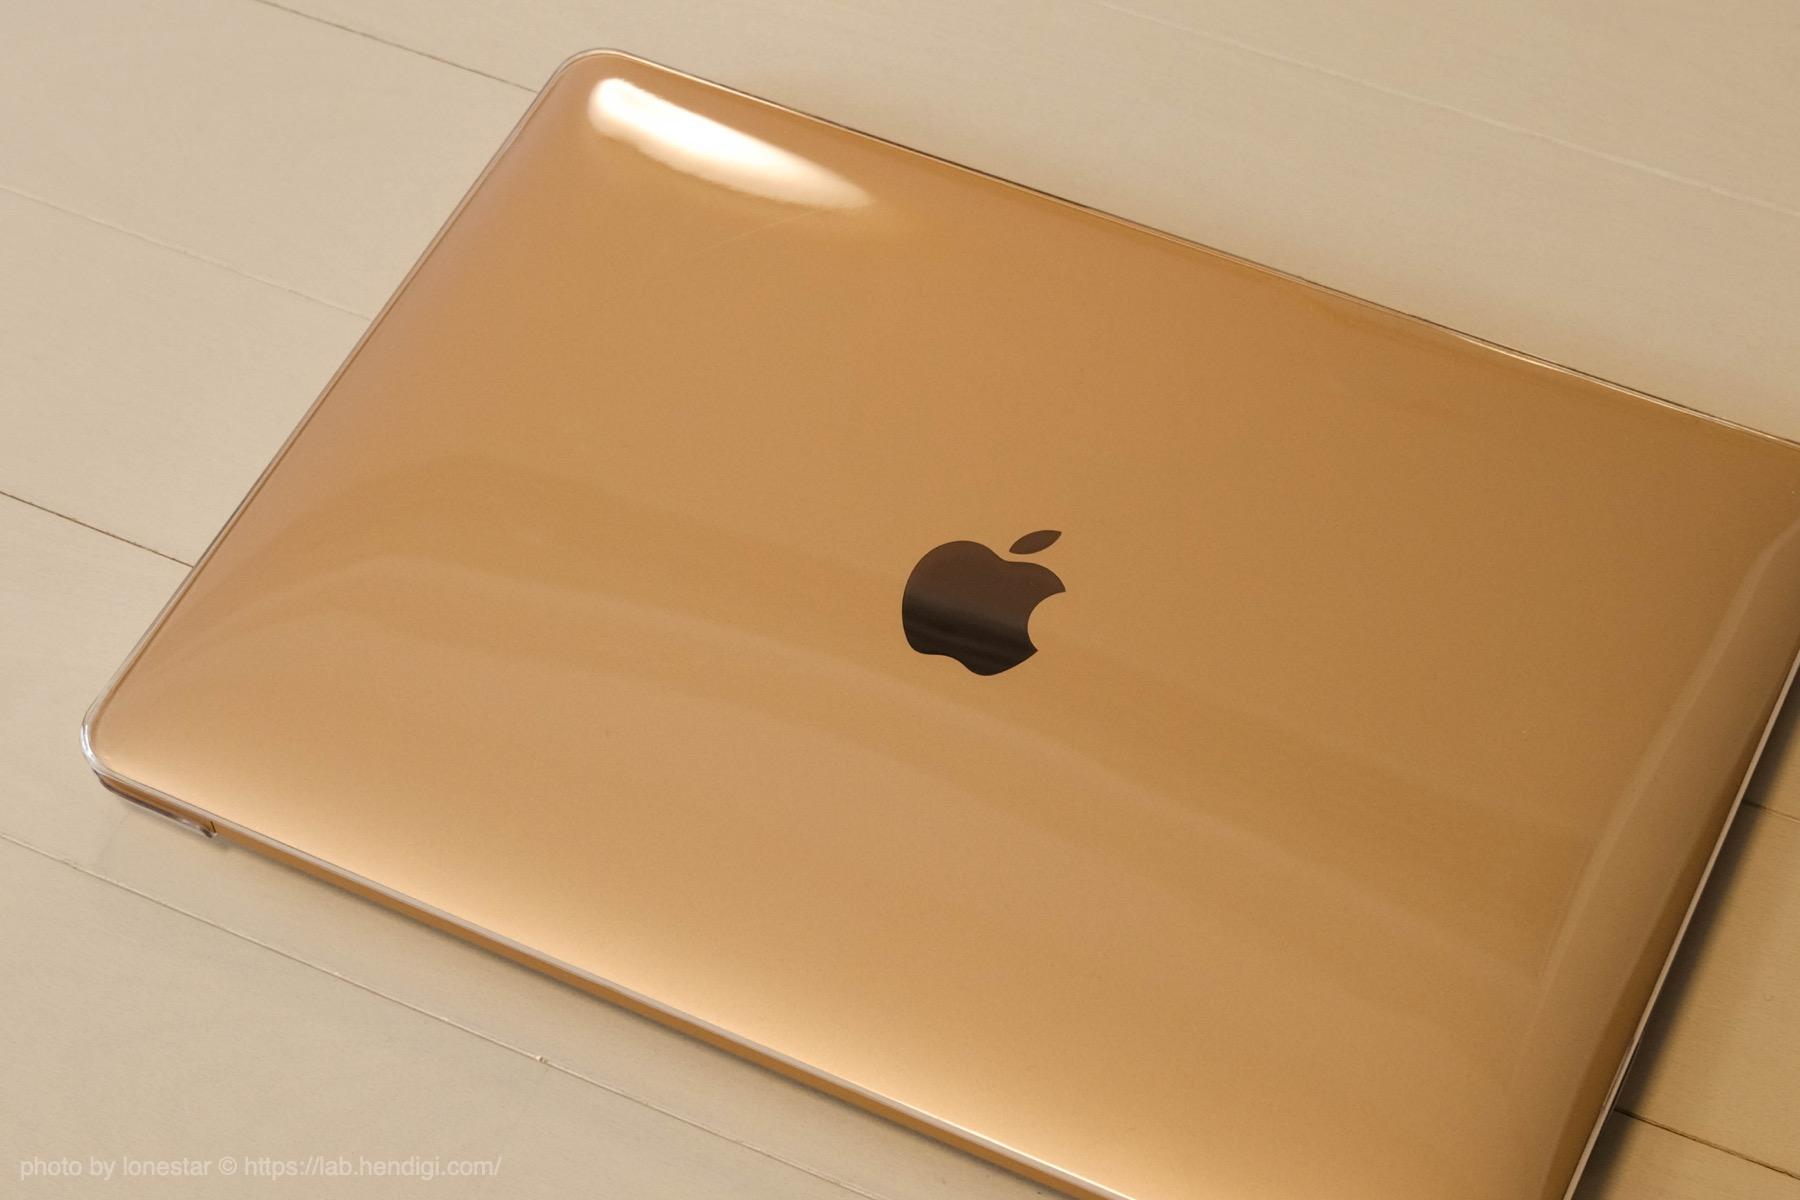 MacBook Air クリア カバー レビュー